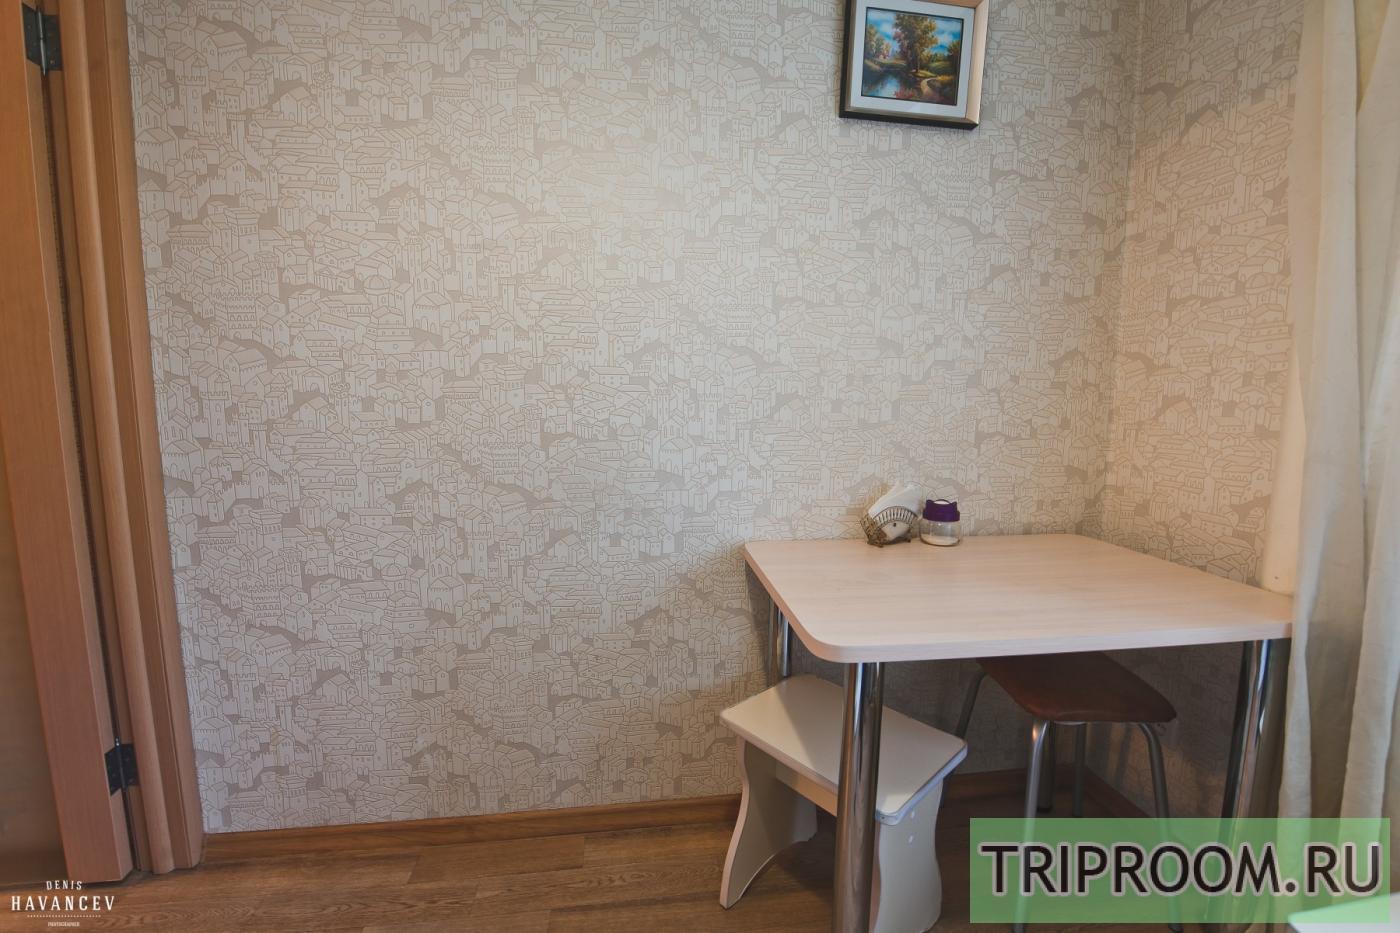 1-комнатная квартира посуточно (вариант № 14830), ул. Рахова улица, фото № 10